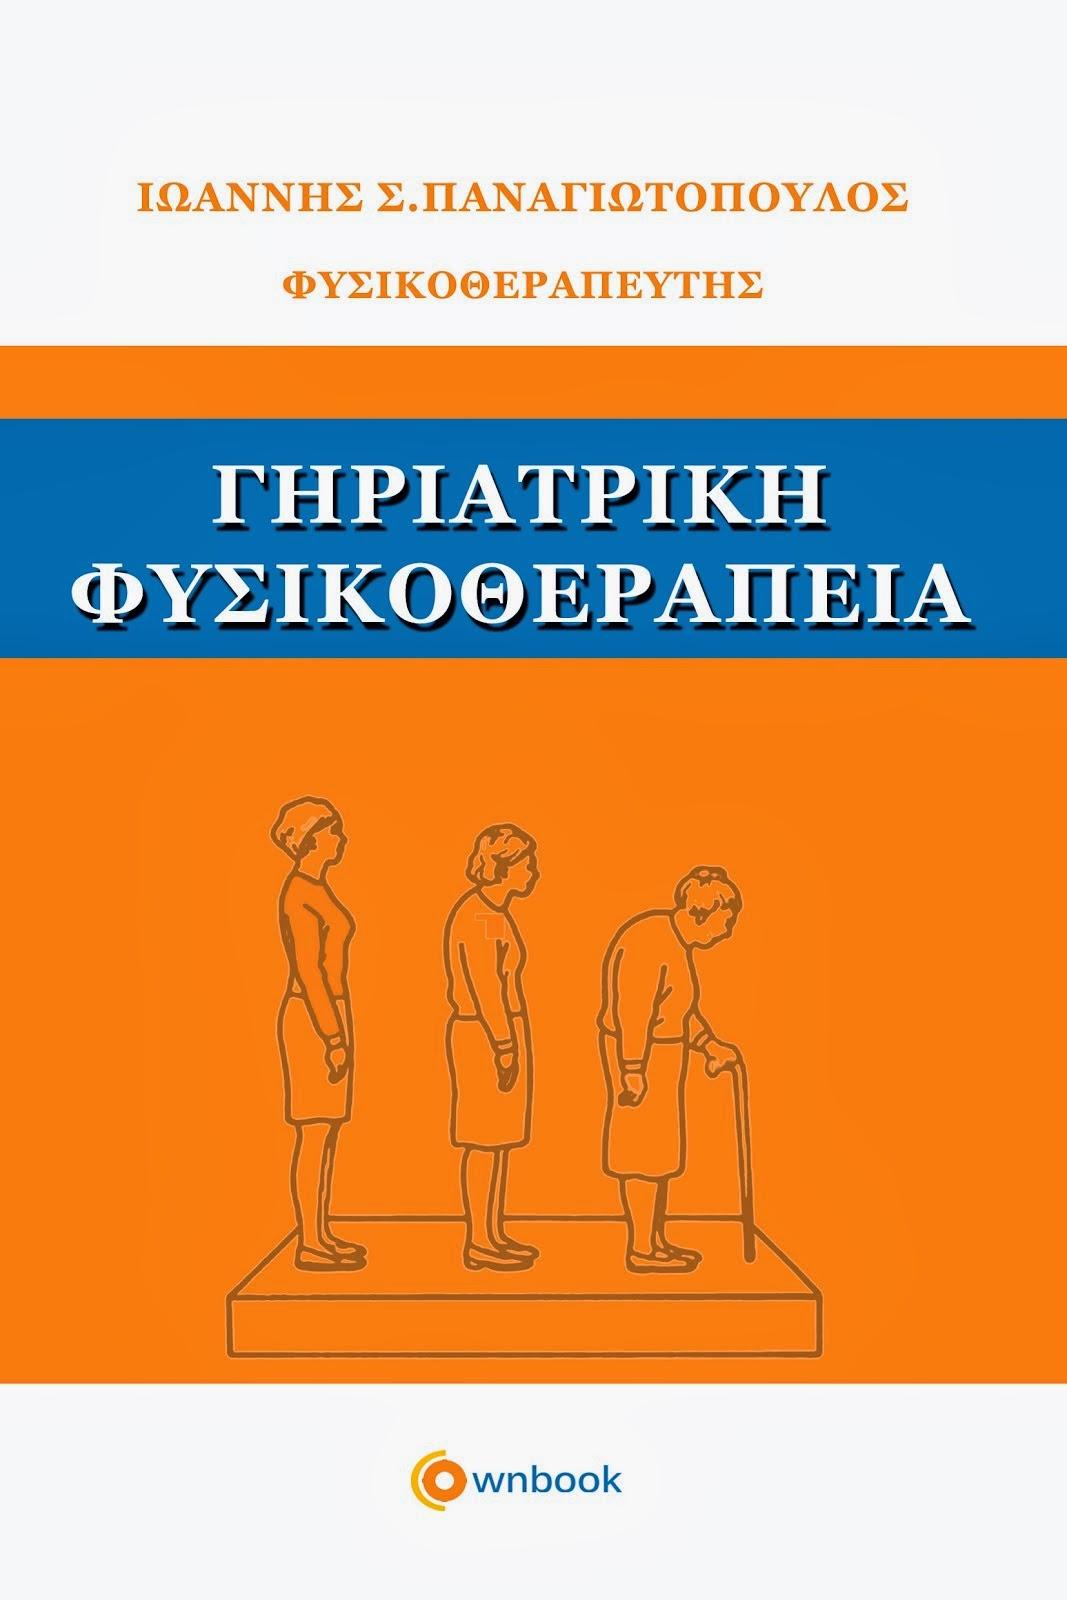 Αποκτήστε το βιβλίο με επικοινωνία στο email: ipanagiot@yahoo.com